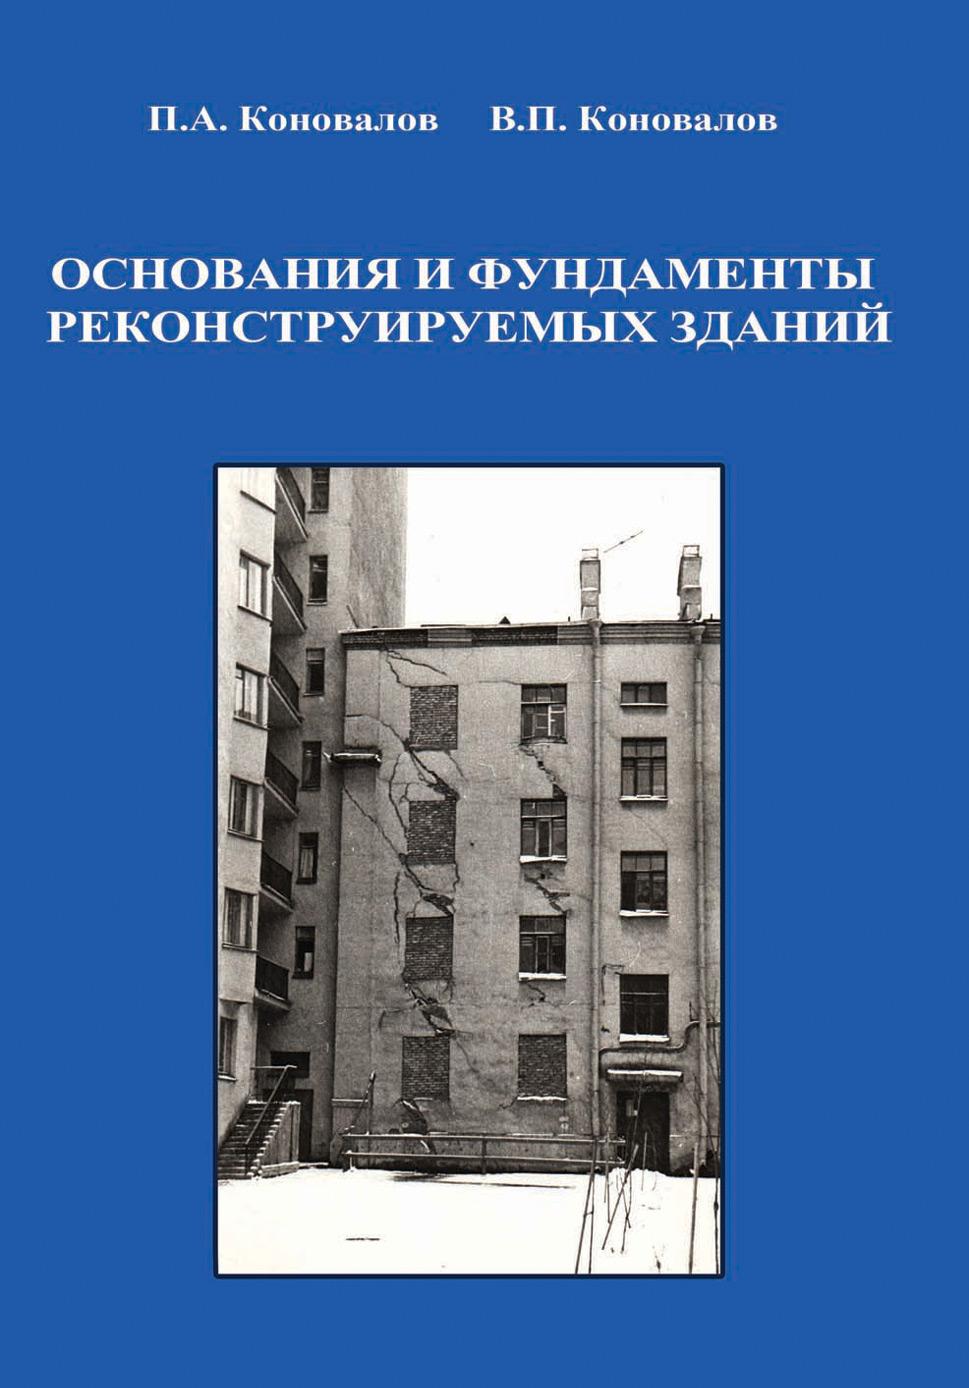 П. А. Коновалов Основания и фундаменты реконструируемых зданий е г малявина теплофизика зданий